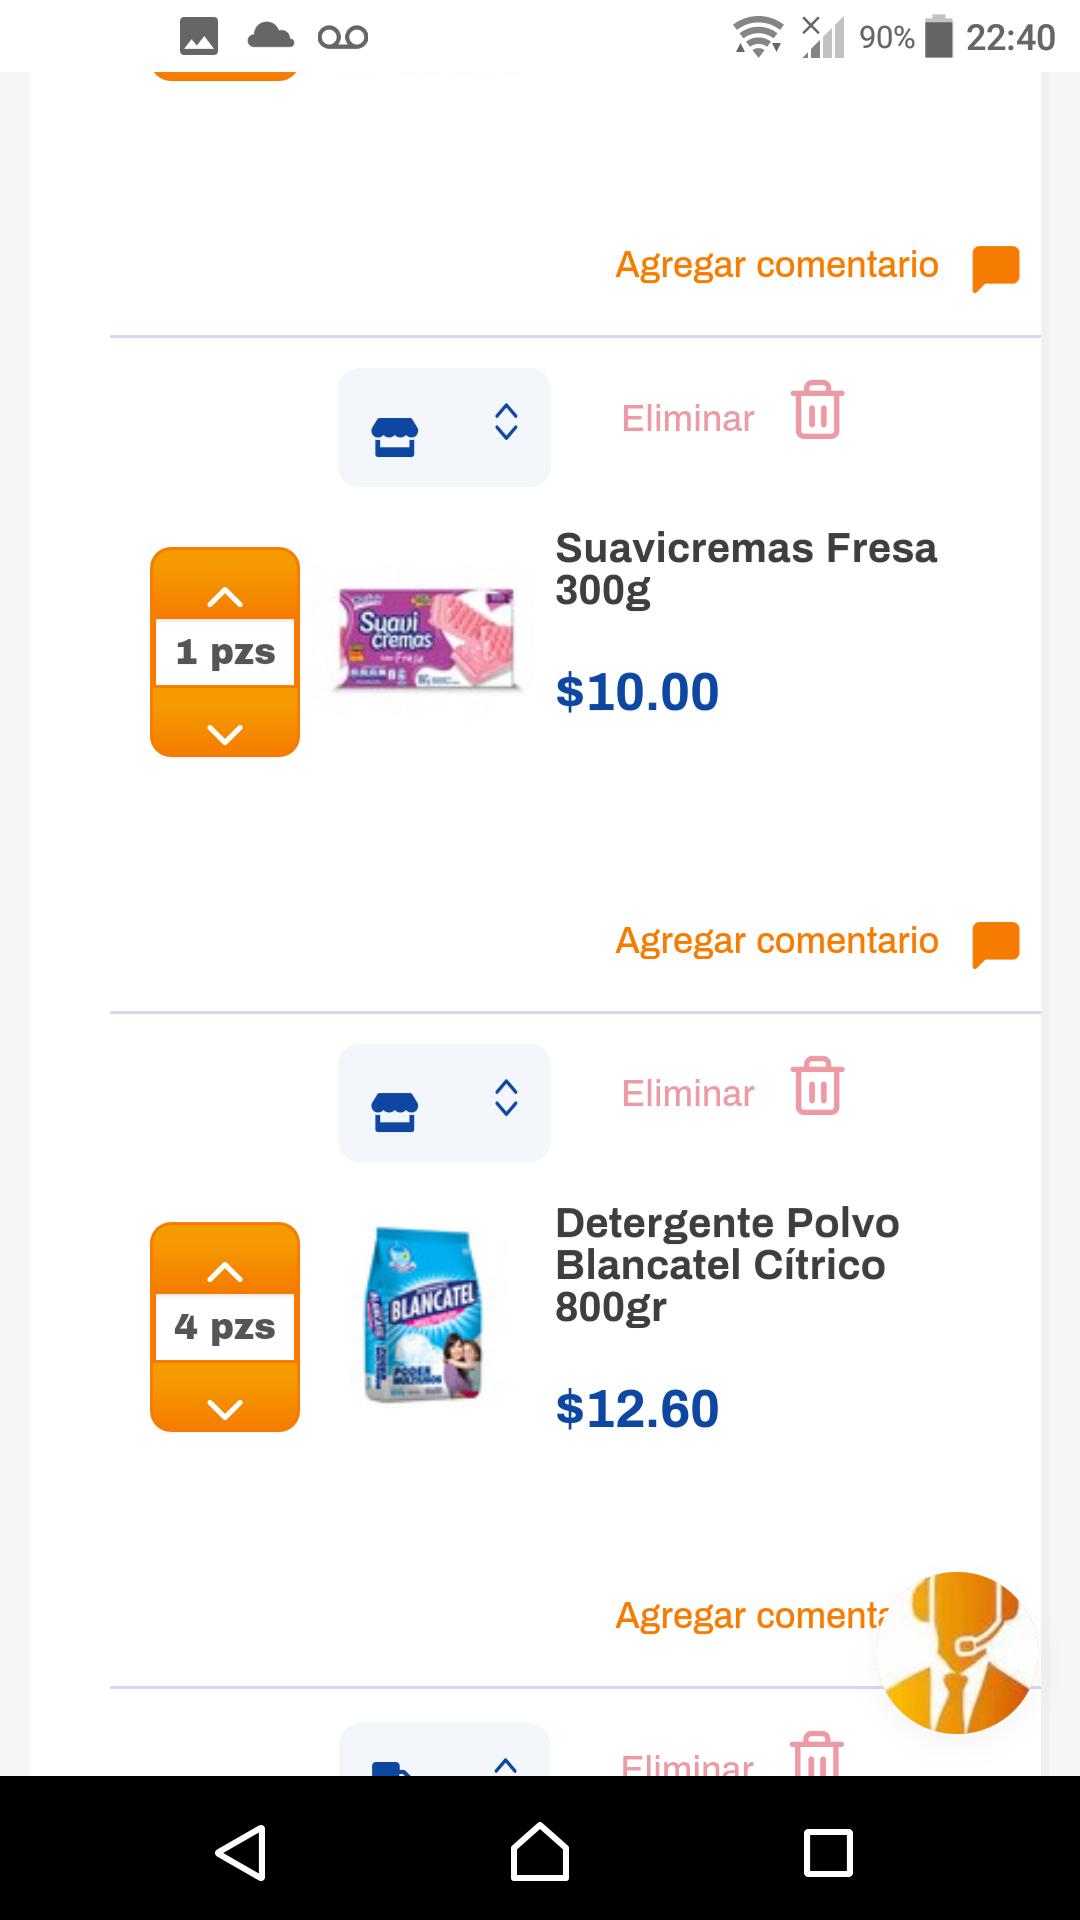 Chedraui: Detergente Blancatel $12.60